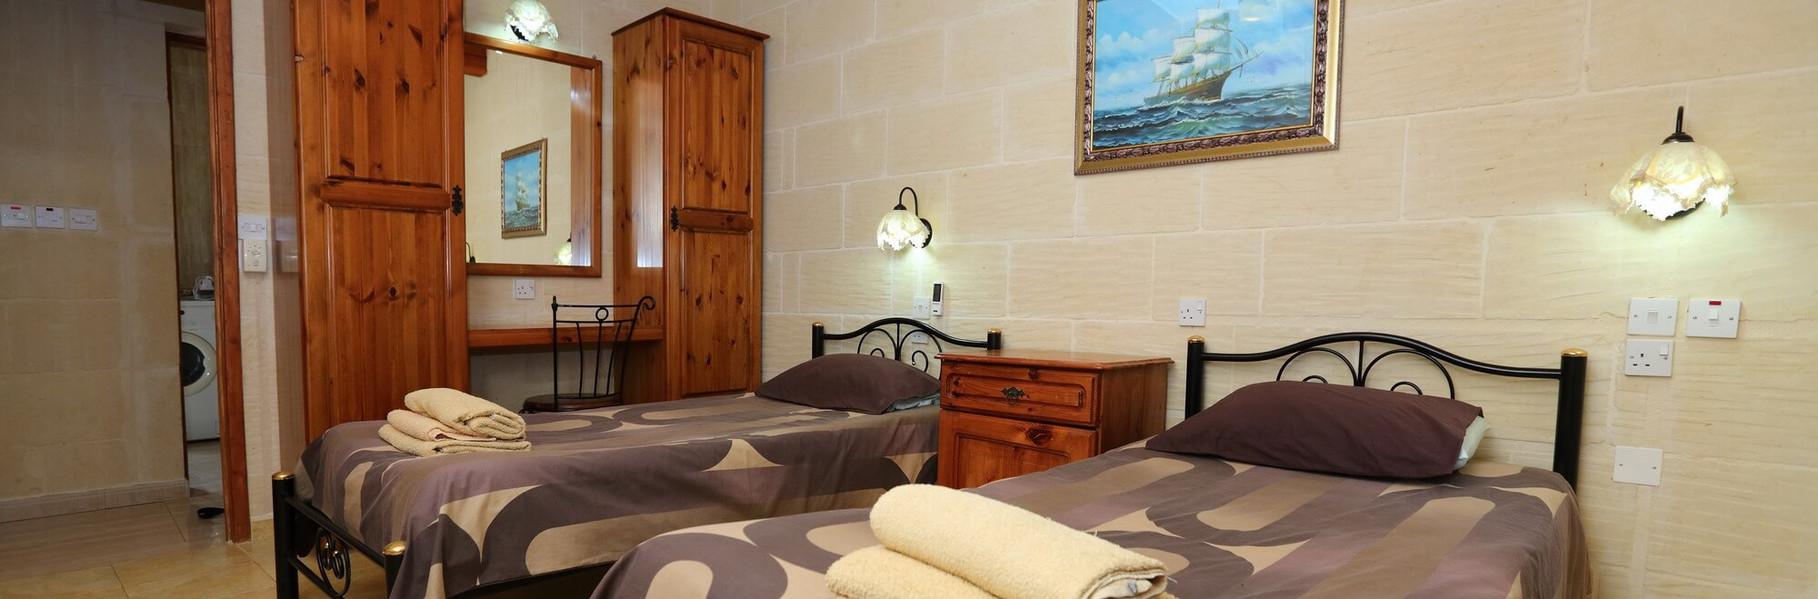 villa2-twin-bedroom.jpg